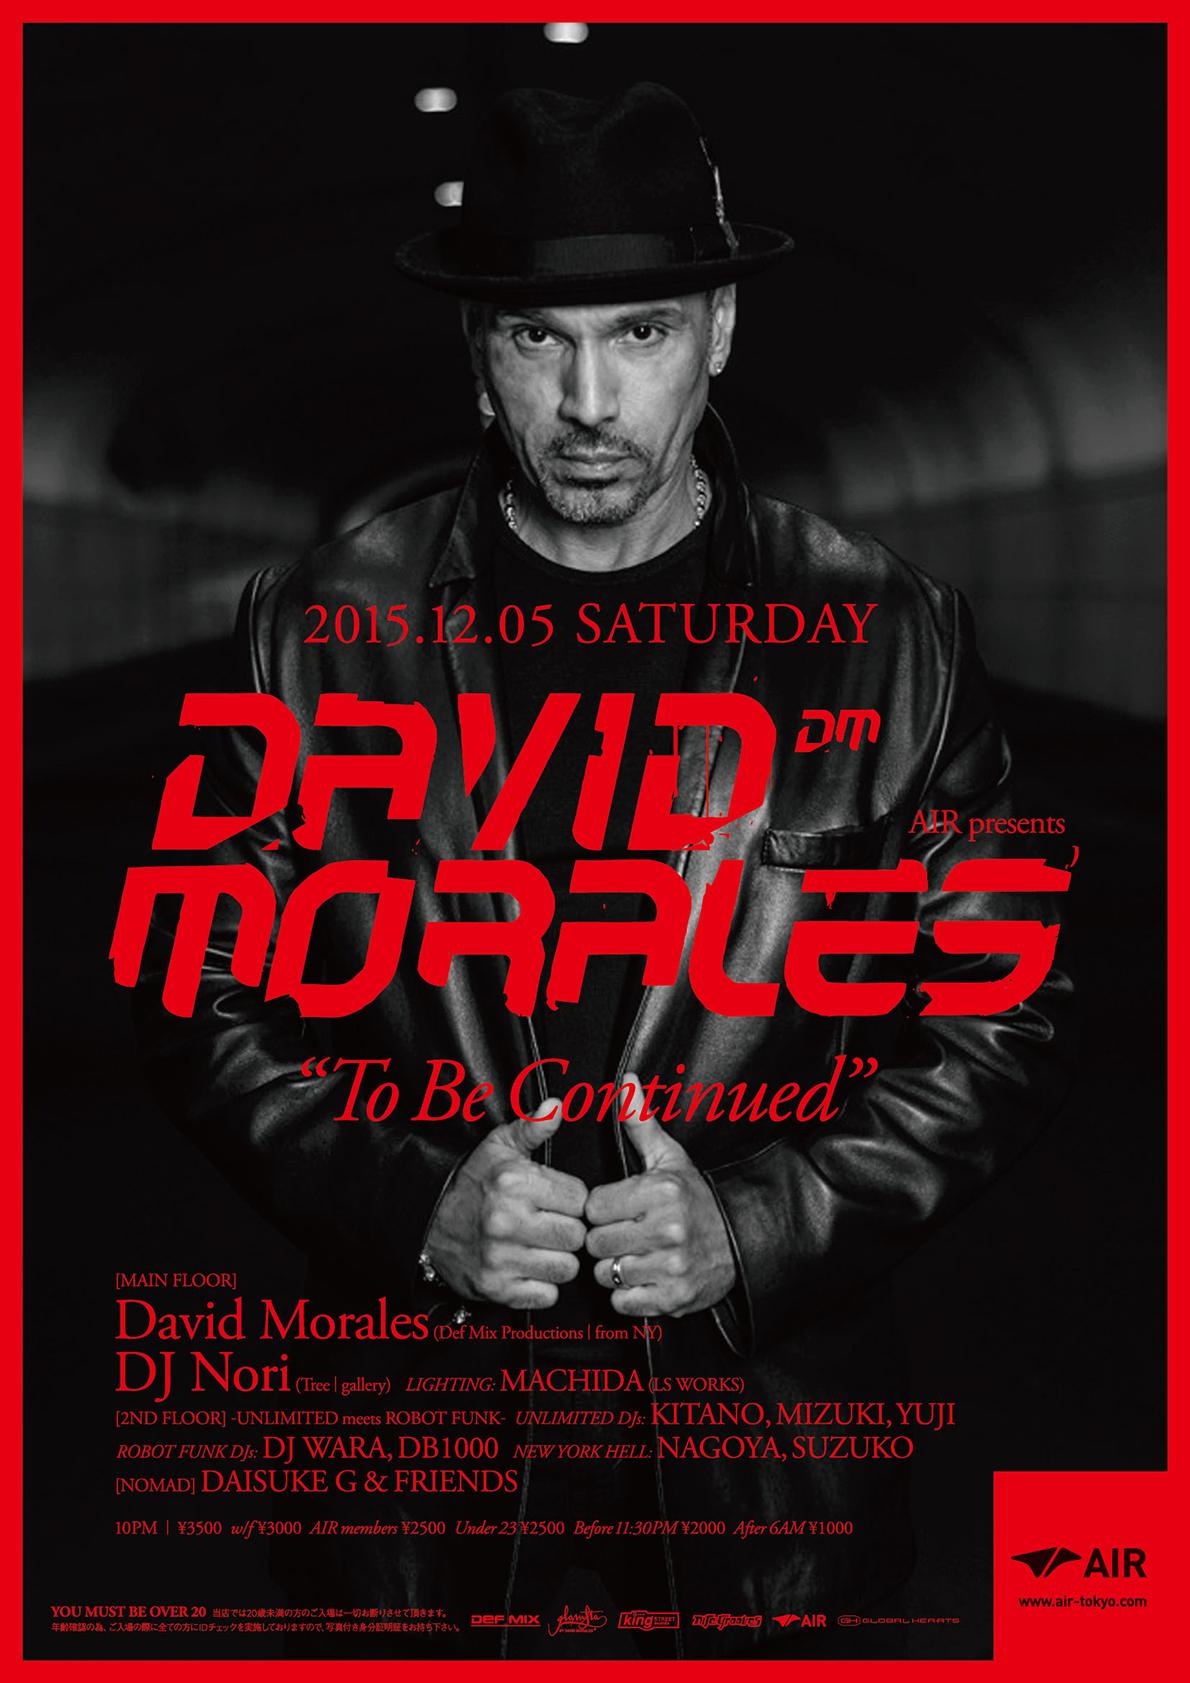 David-Morales AIR 2015